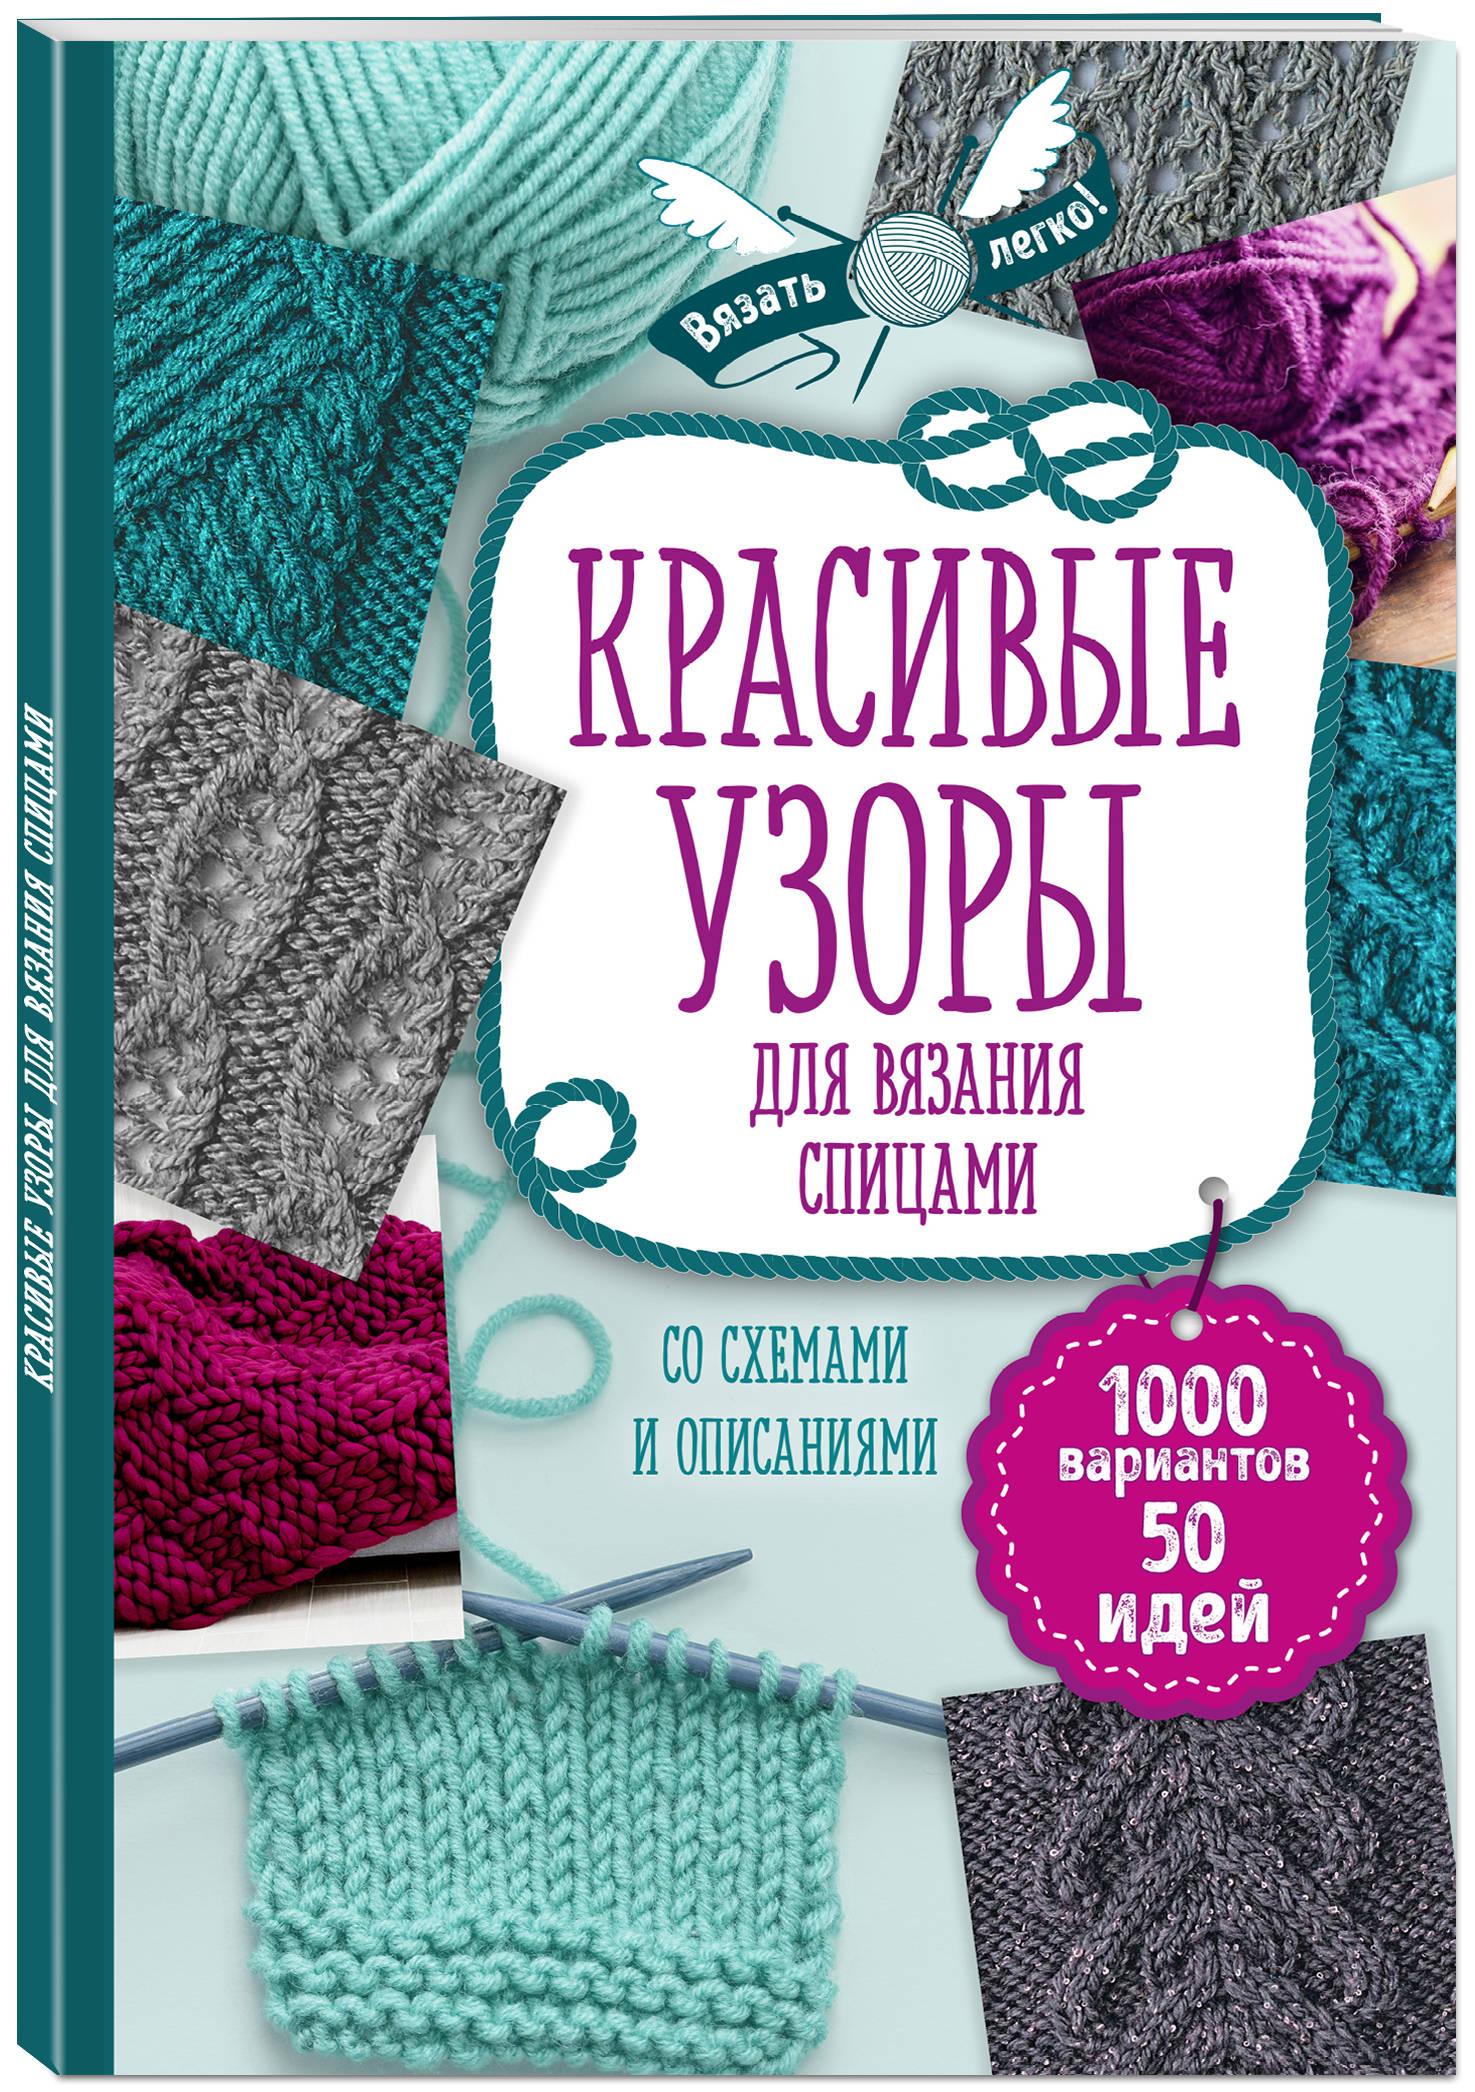 Журналы по вышивке в украине 752